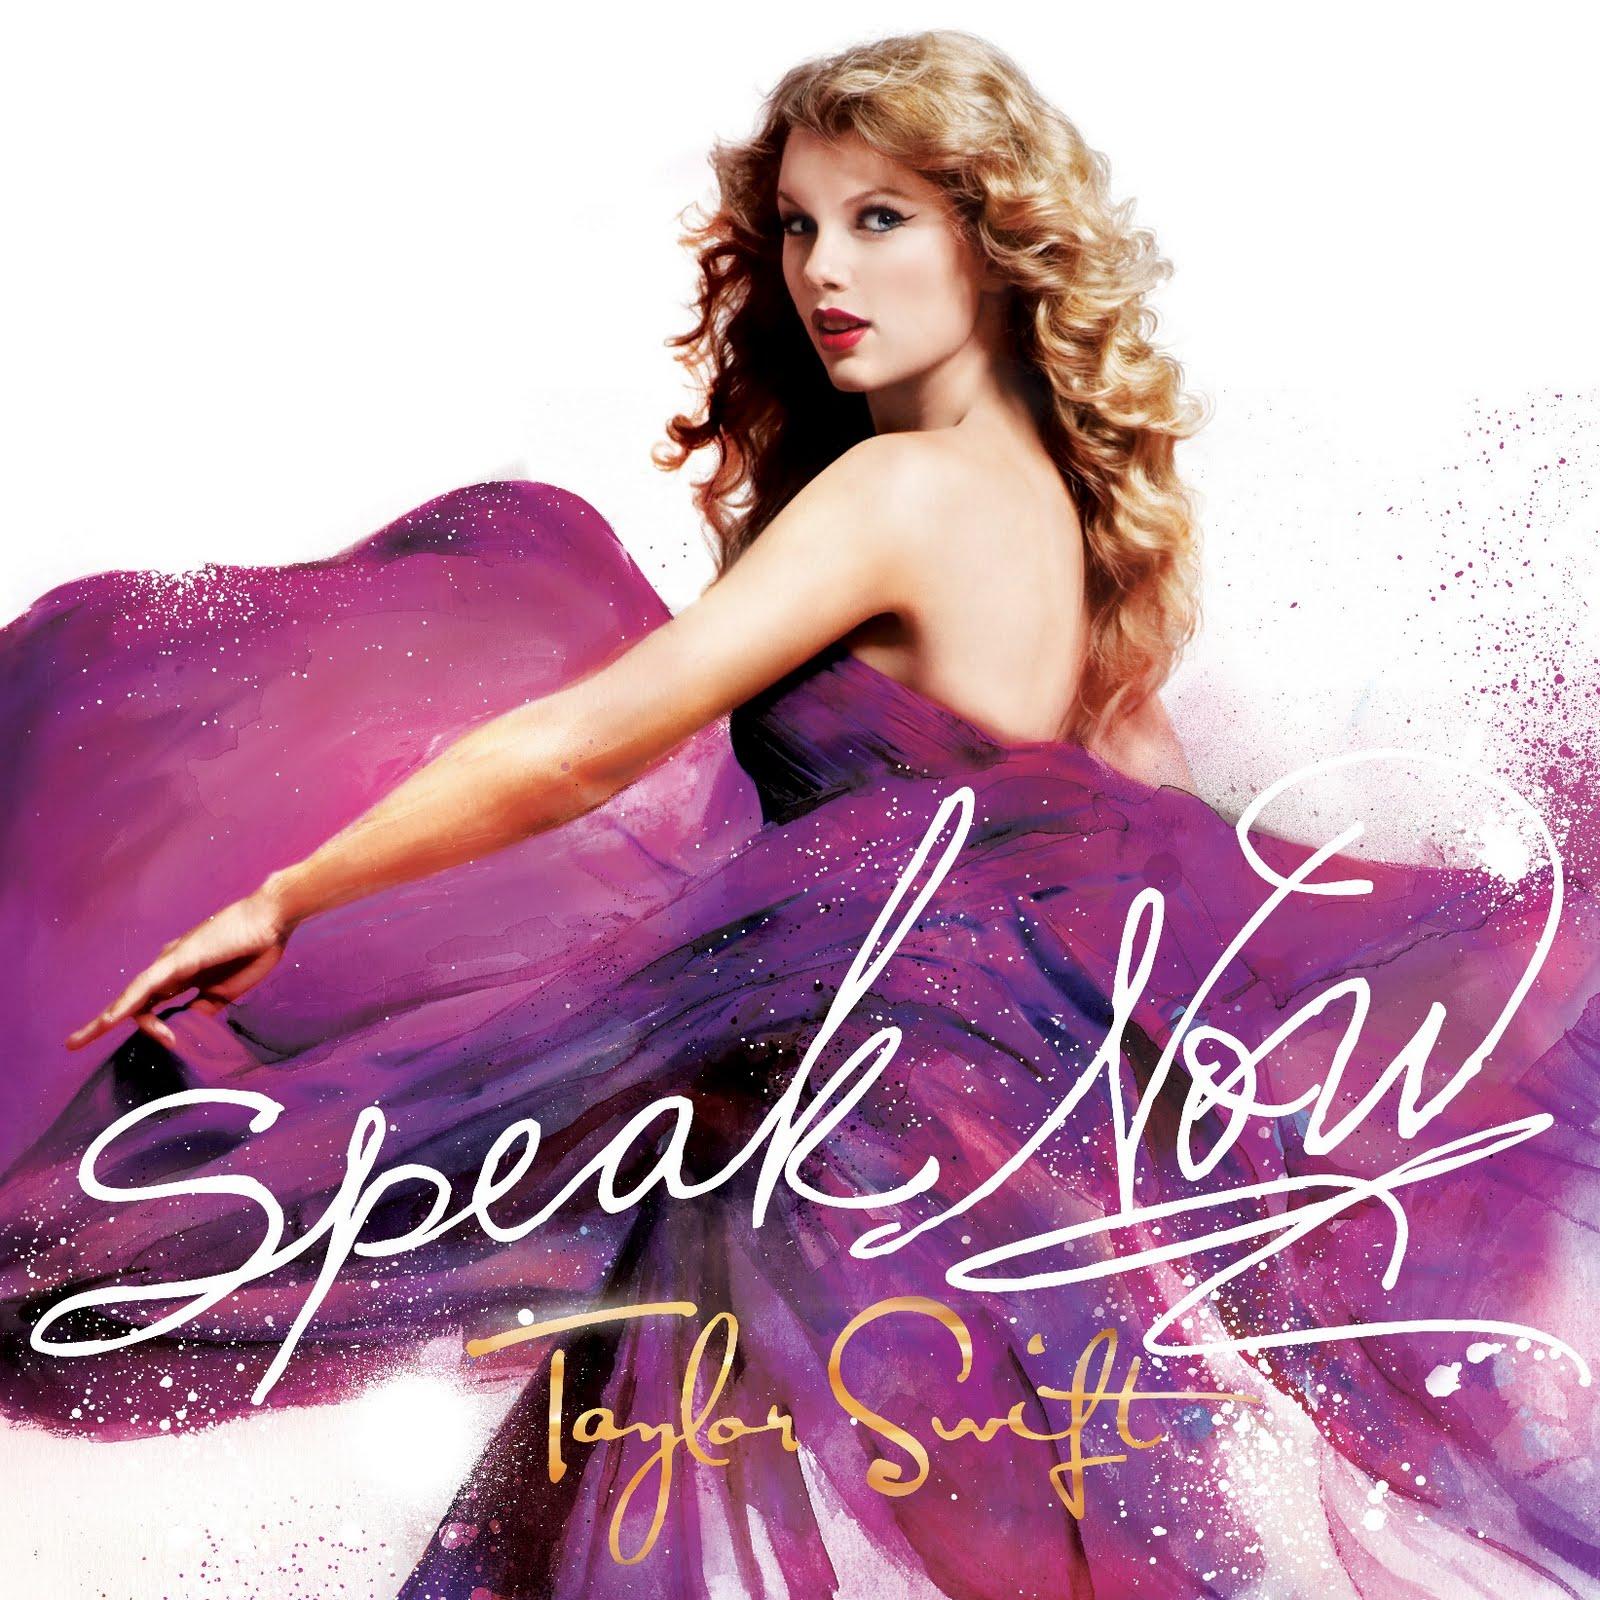 http://4.bp.blogspot.com/_DO6EXDeoOGI/TMW3Oq3GQ5I/AAAAAAAAACk/sUB0yMRiJIk/s1600/taylor-swift_speak-now-lg.jpg